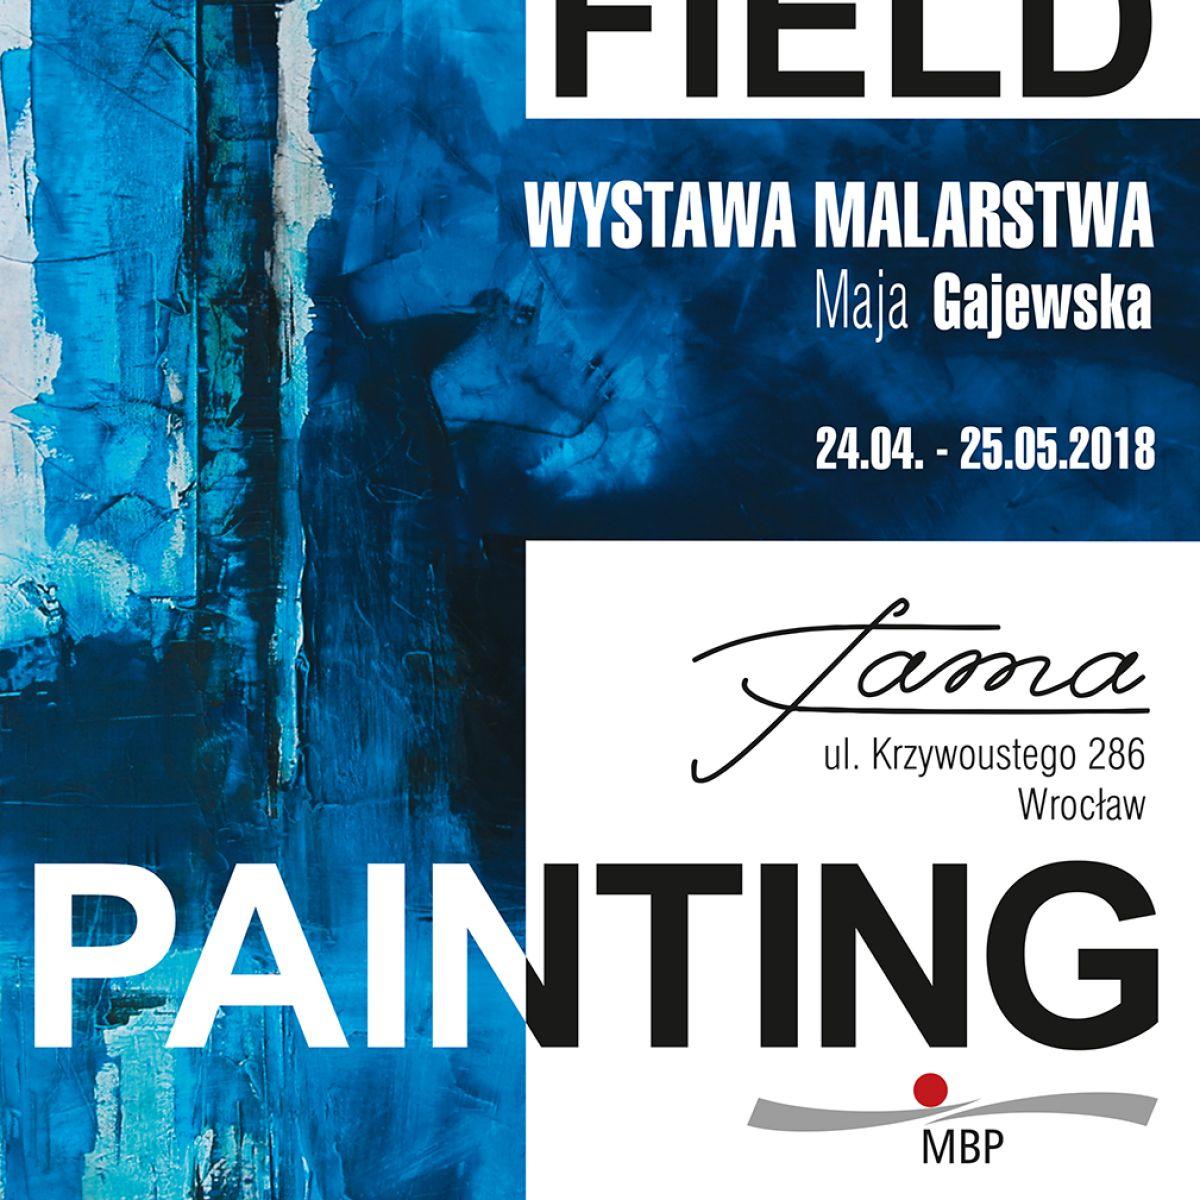 Color Field Painting - Malarstwo barwnych płaszczyzn